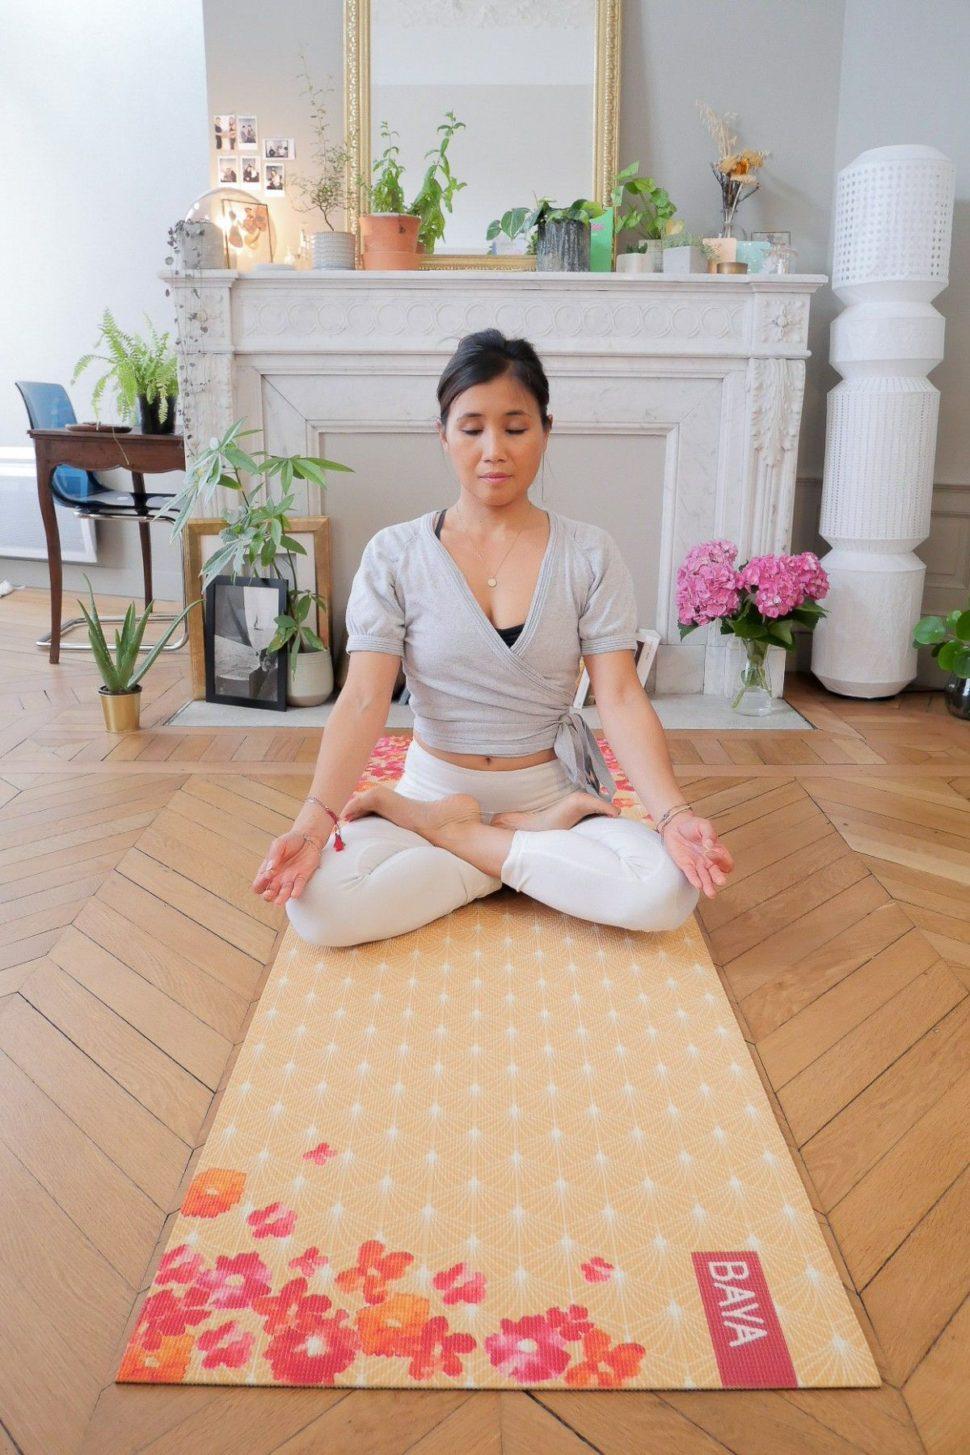 Krásná designová jóga podložka pro cvičení jógy doma iv jóga studiu.